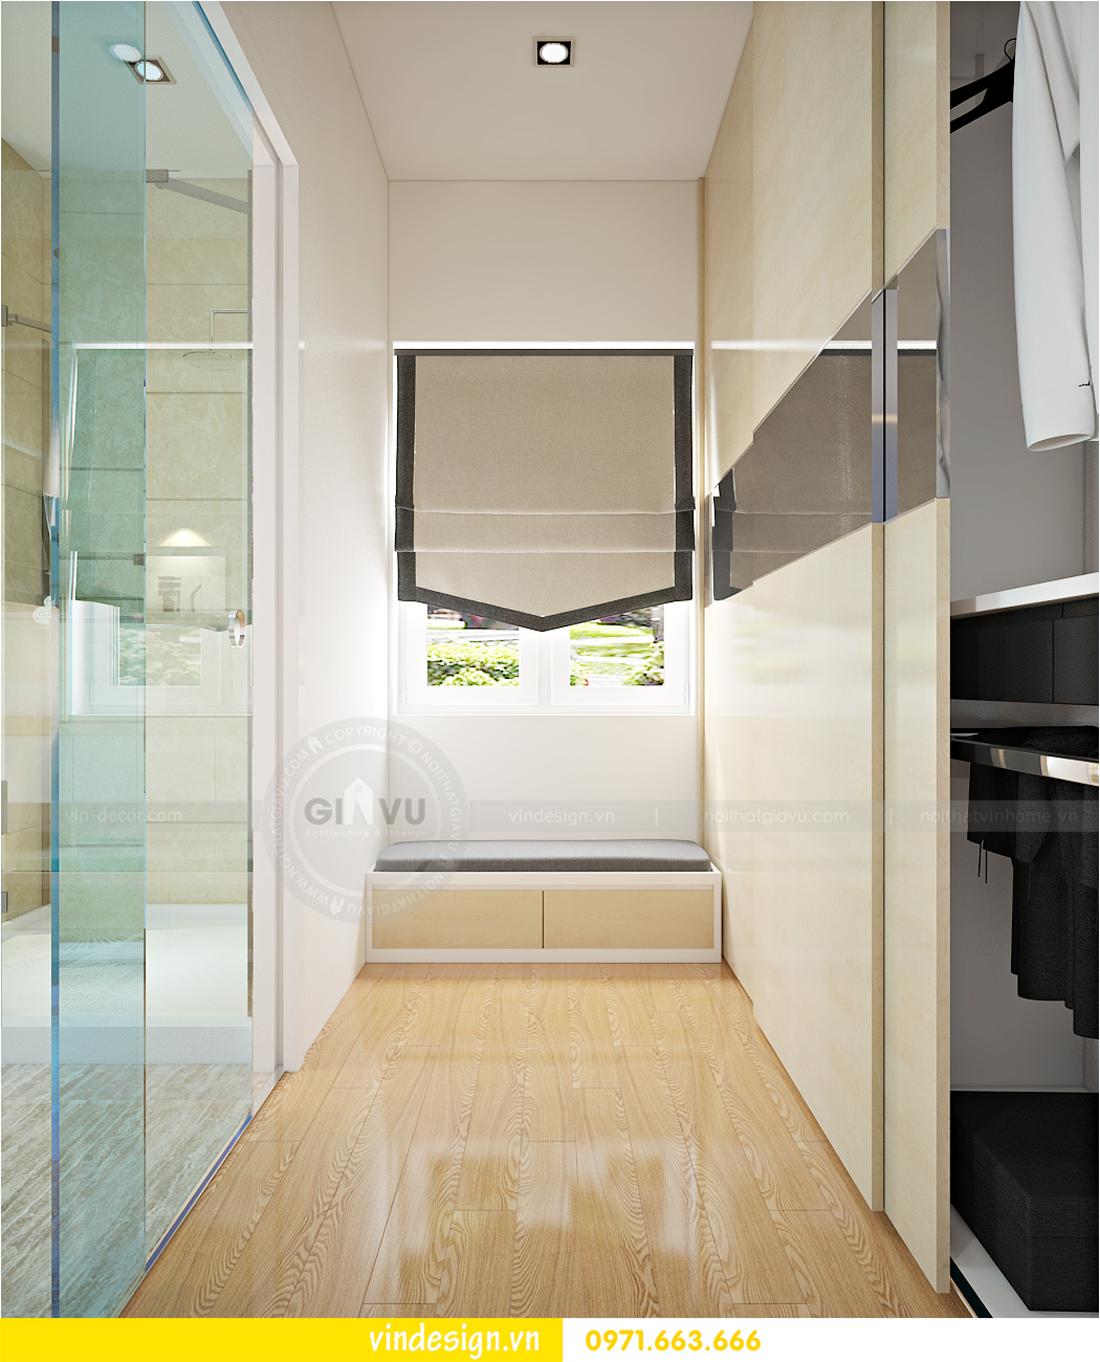 thiết kế nội thất Vinhomes Riverside Anh Đào 03-21 10